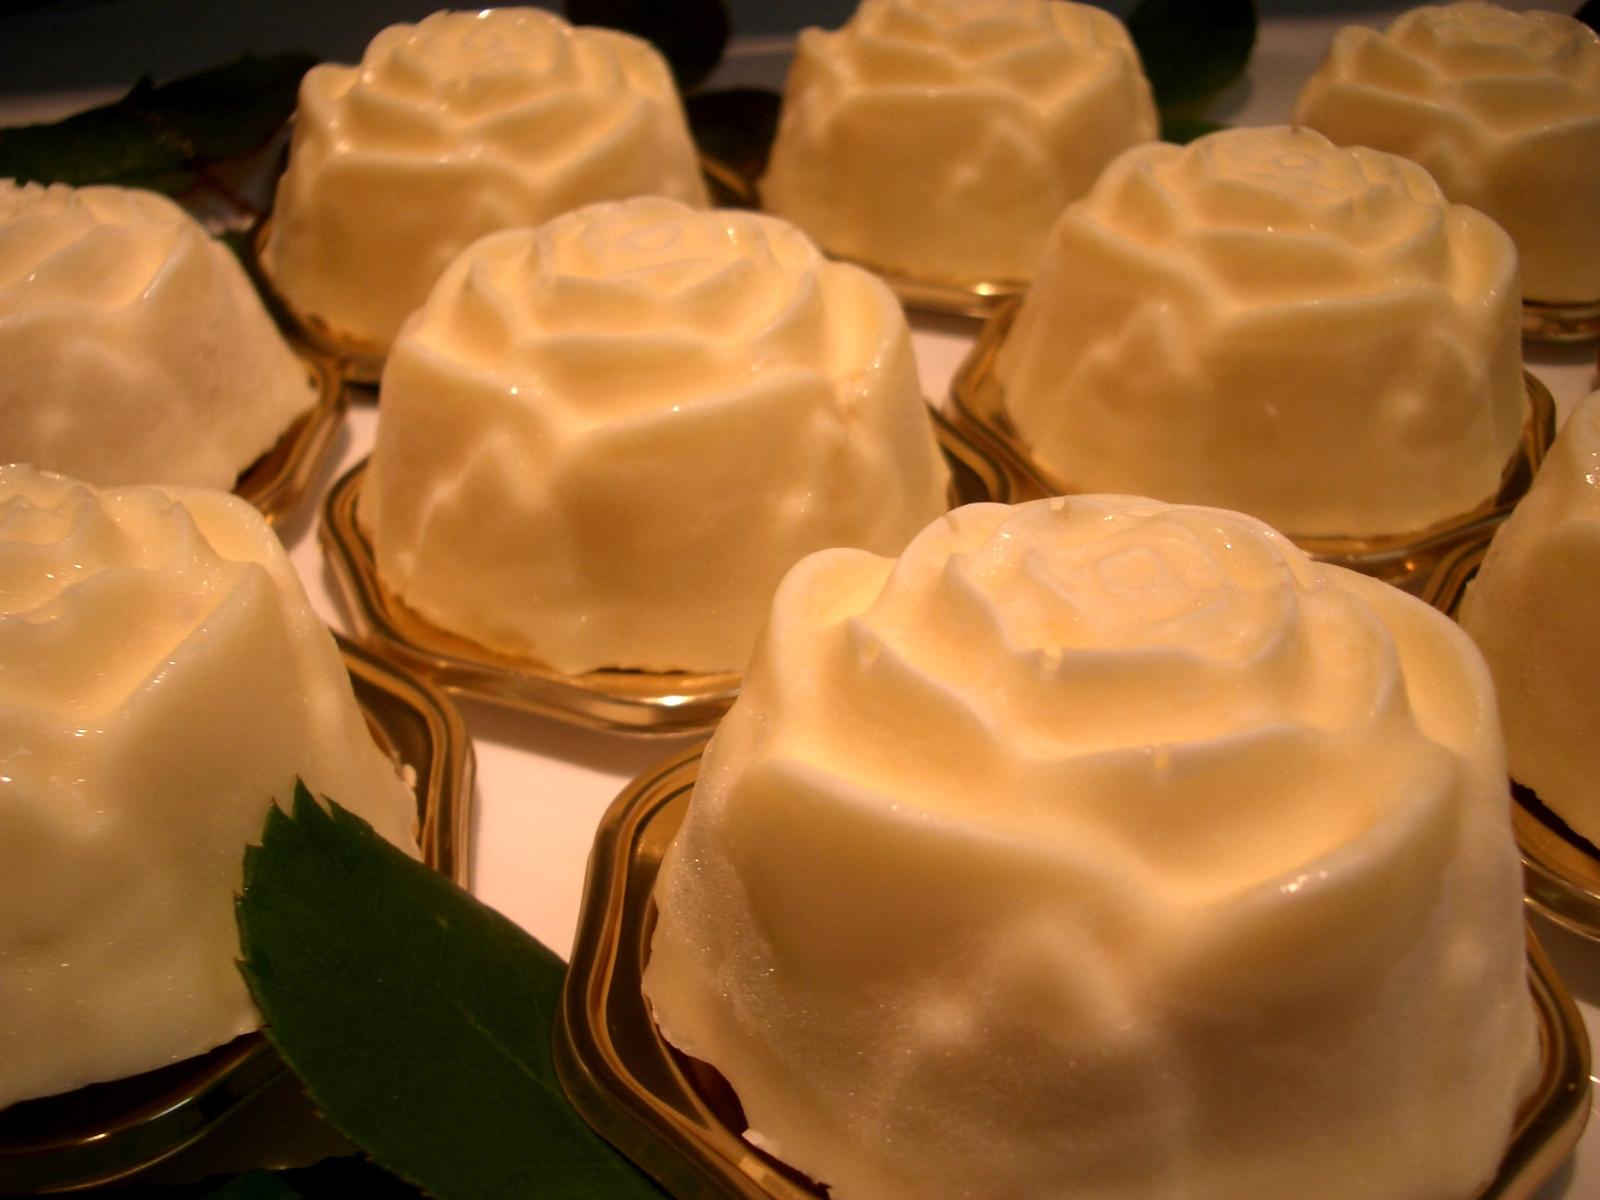 ローズババロワケーキ(要冷蔵)冷凍発送いたします。